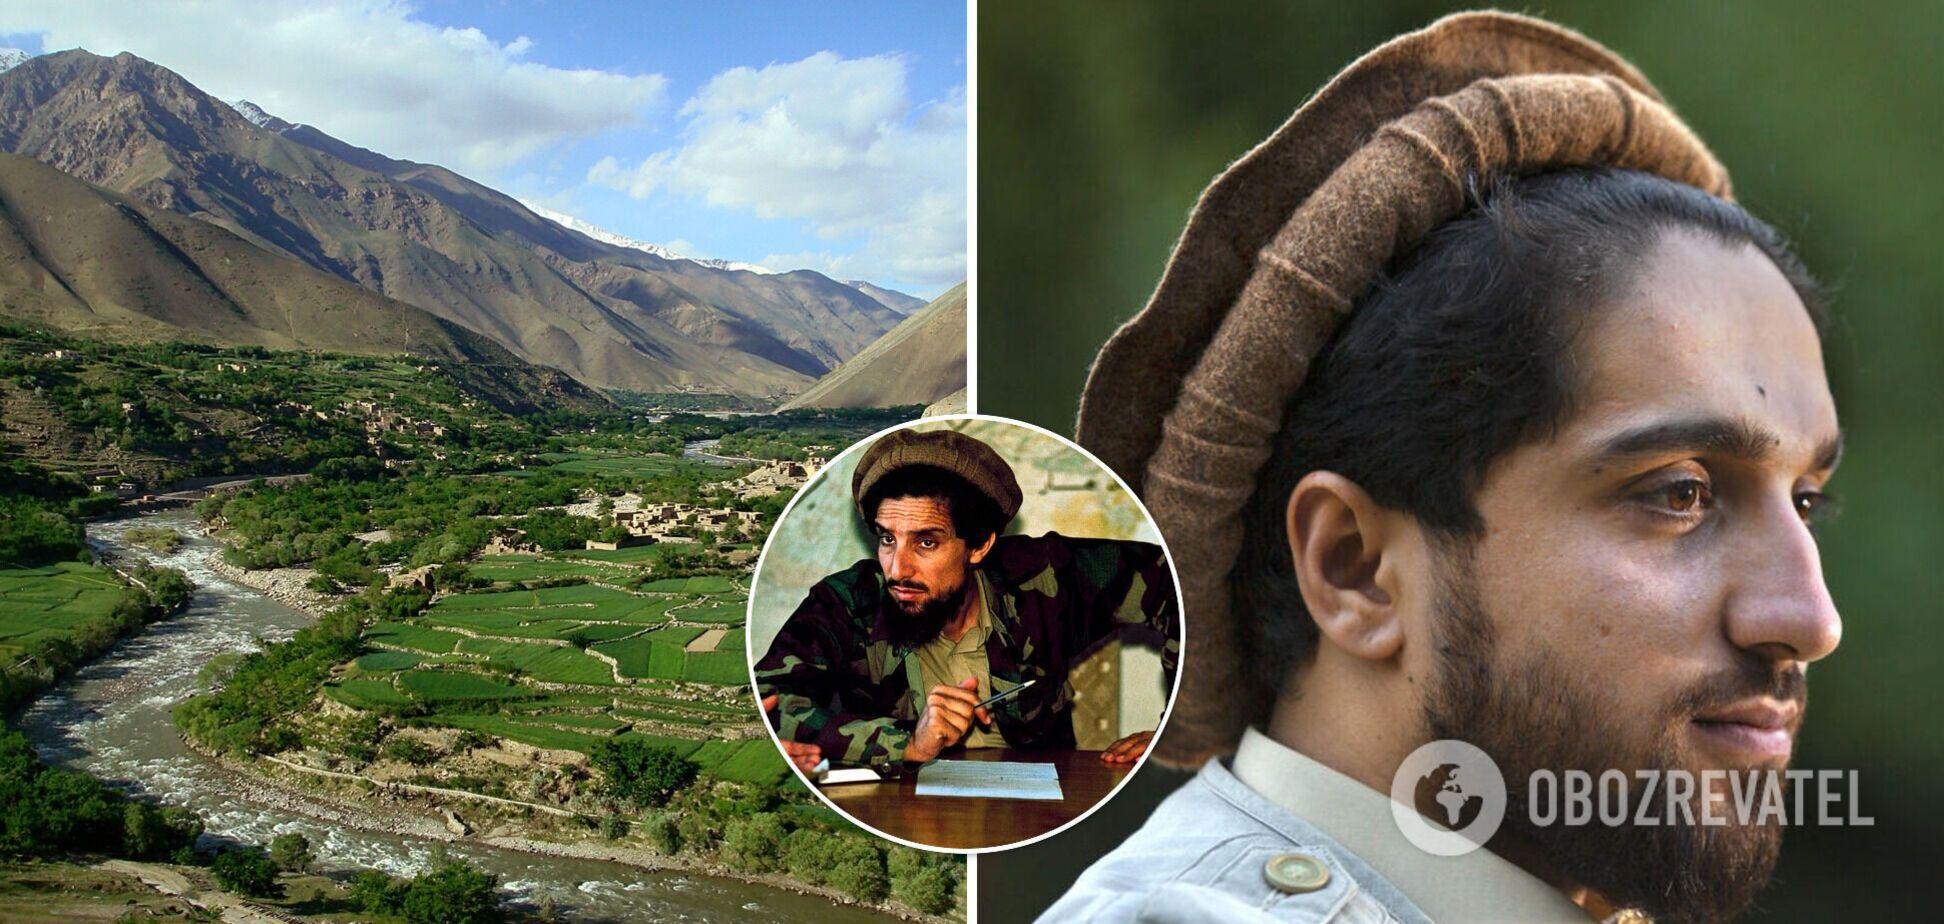 Последняя твердыня свободы Афганистана. Что такое Панджшерская долина и почему ее жители отказались подчиниться 'Талибану'